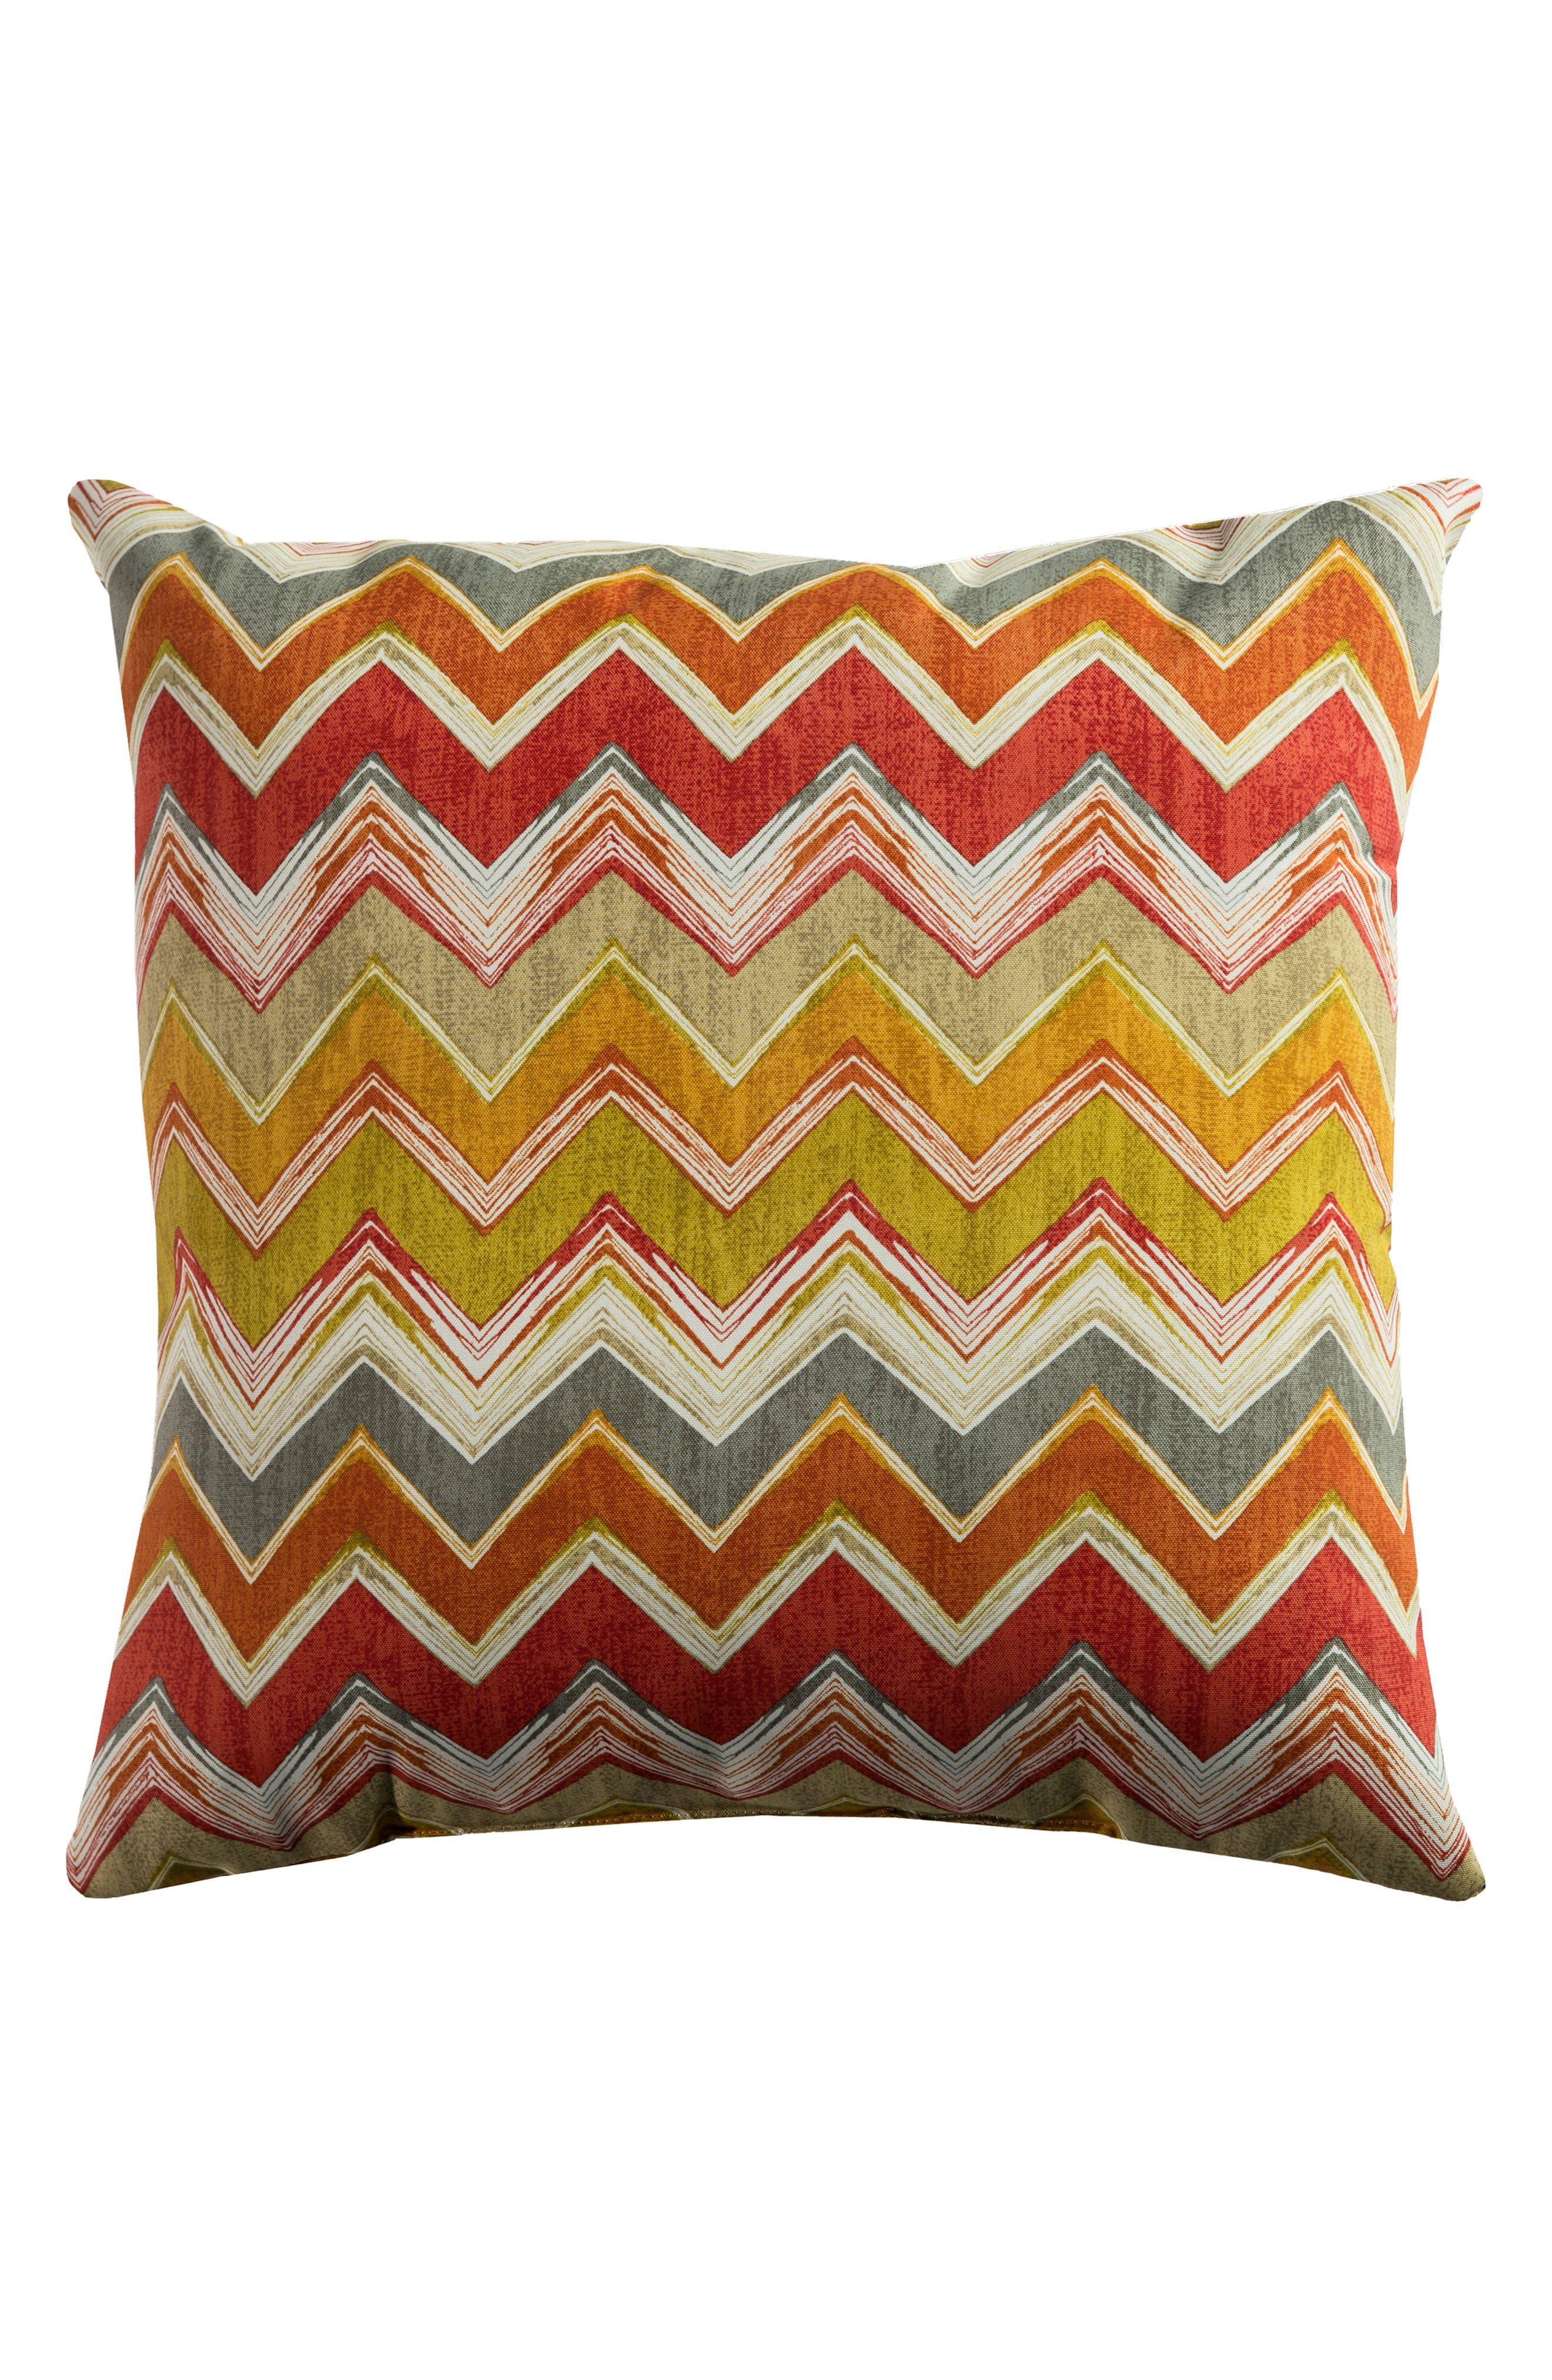 Chevron Outdoor Pillow,                             Main thumbnail 1, color,                             801